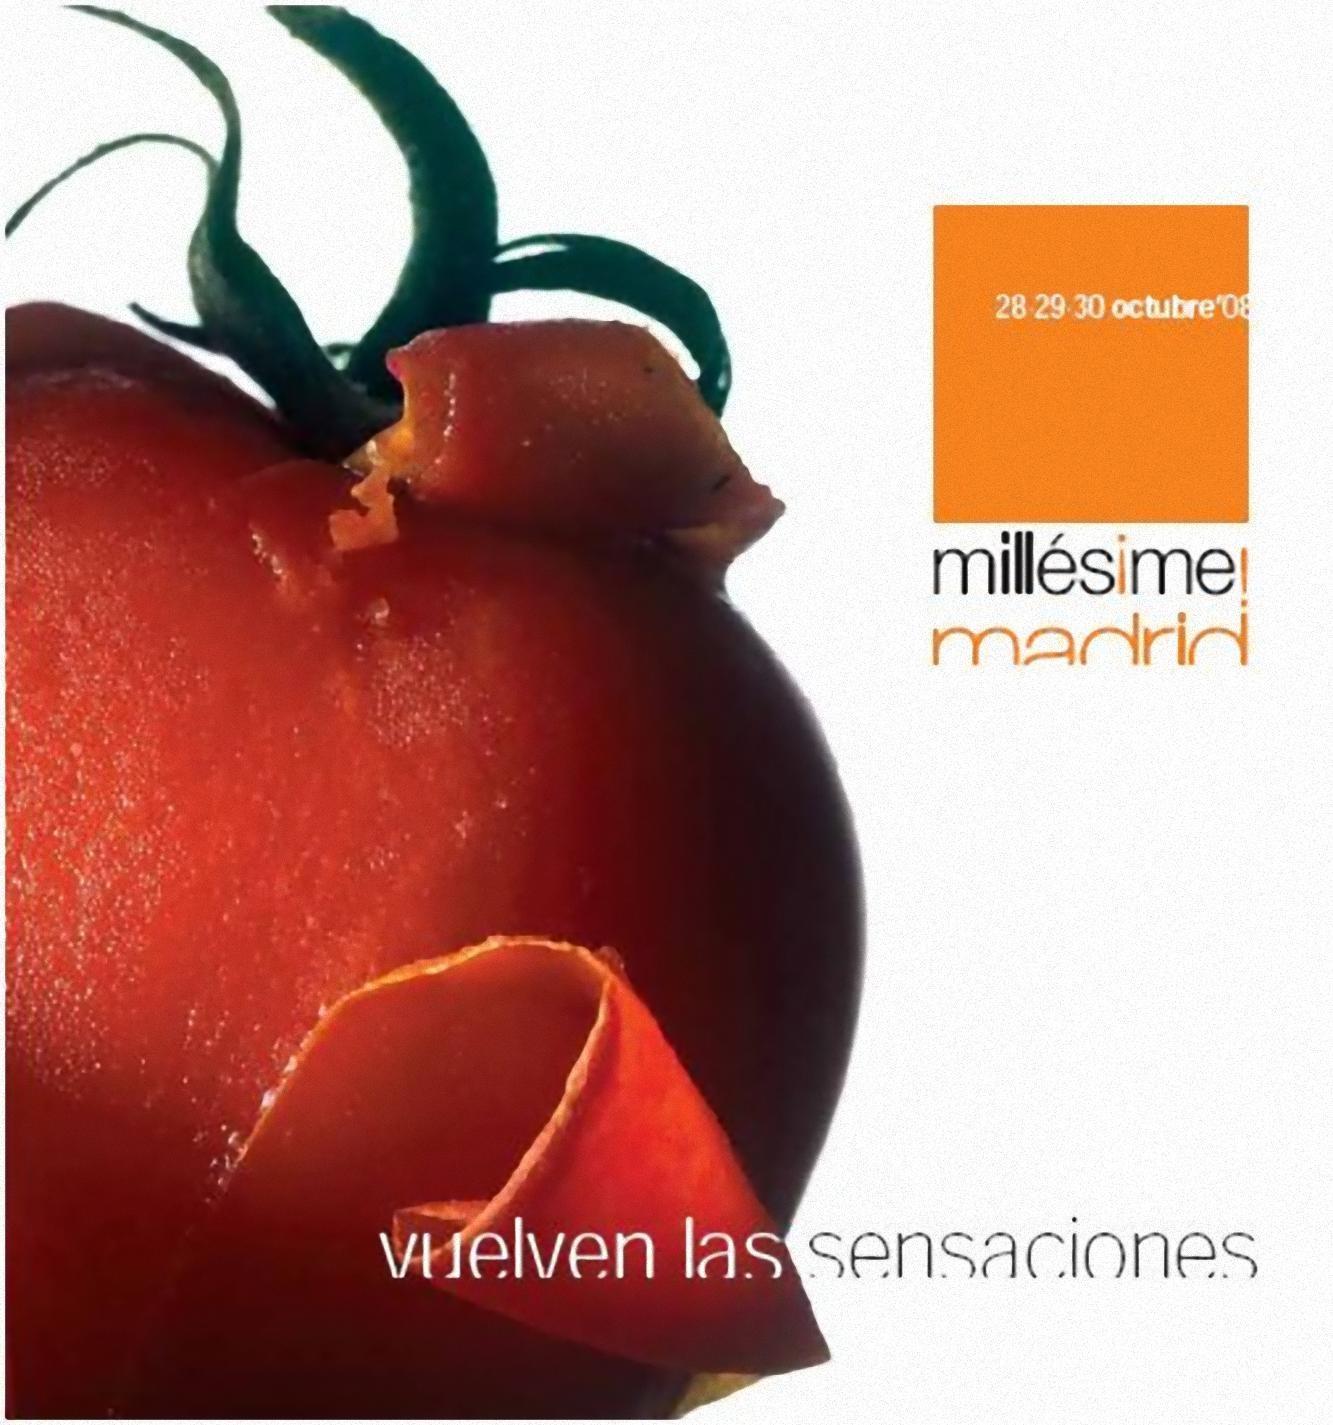 Salón Millésime Madrid